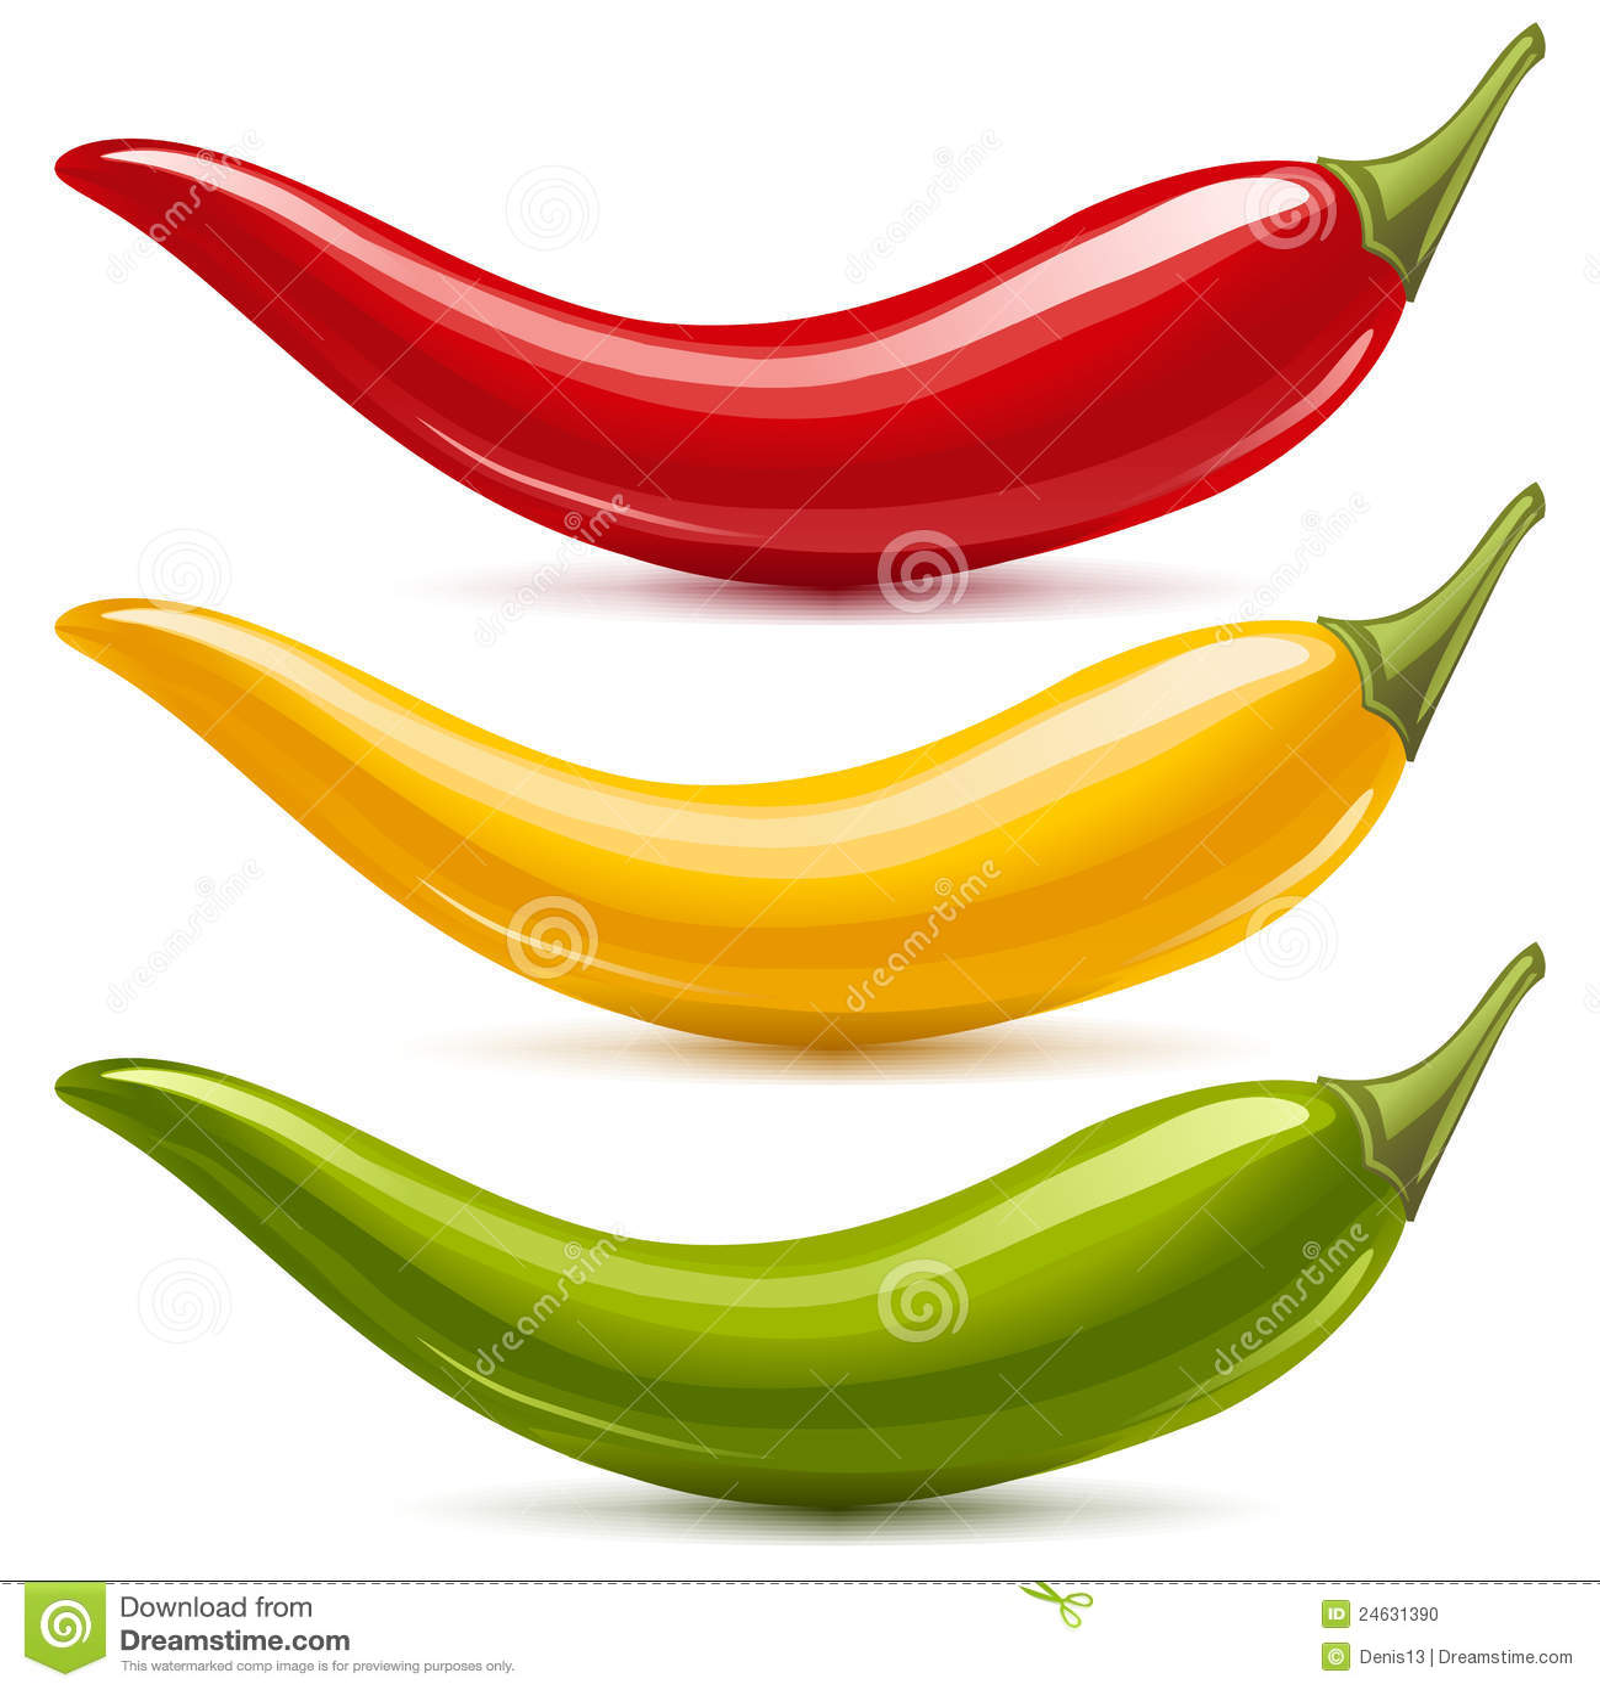 hot chilli pepper